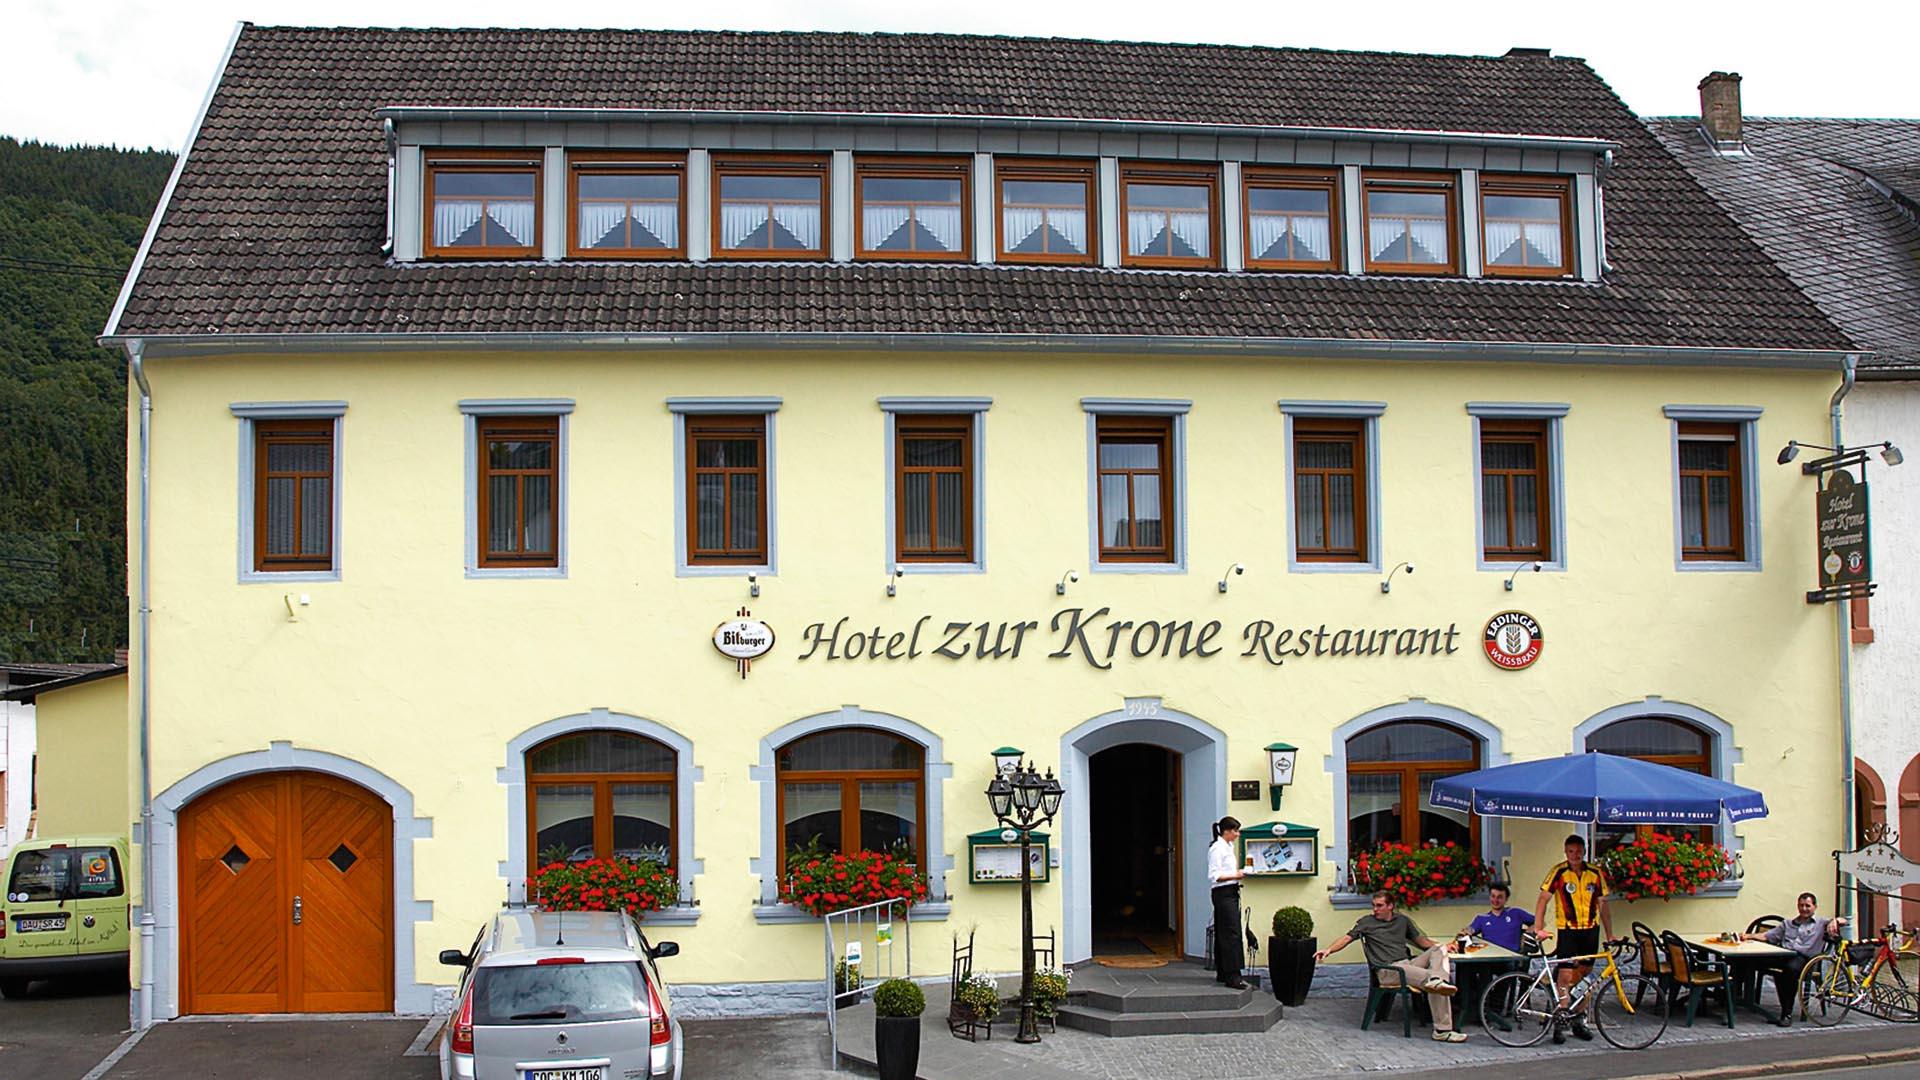 Hotel zur krone for Appoggiarsi all aggiunta al garage